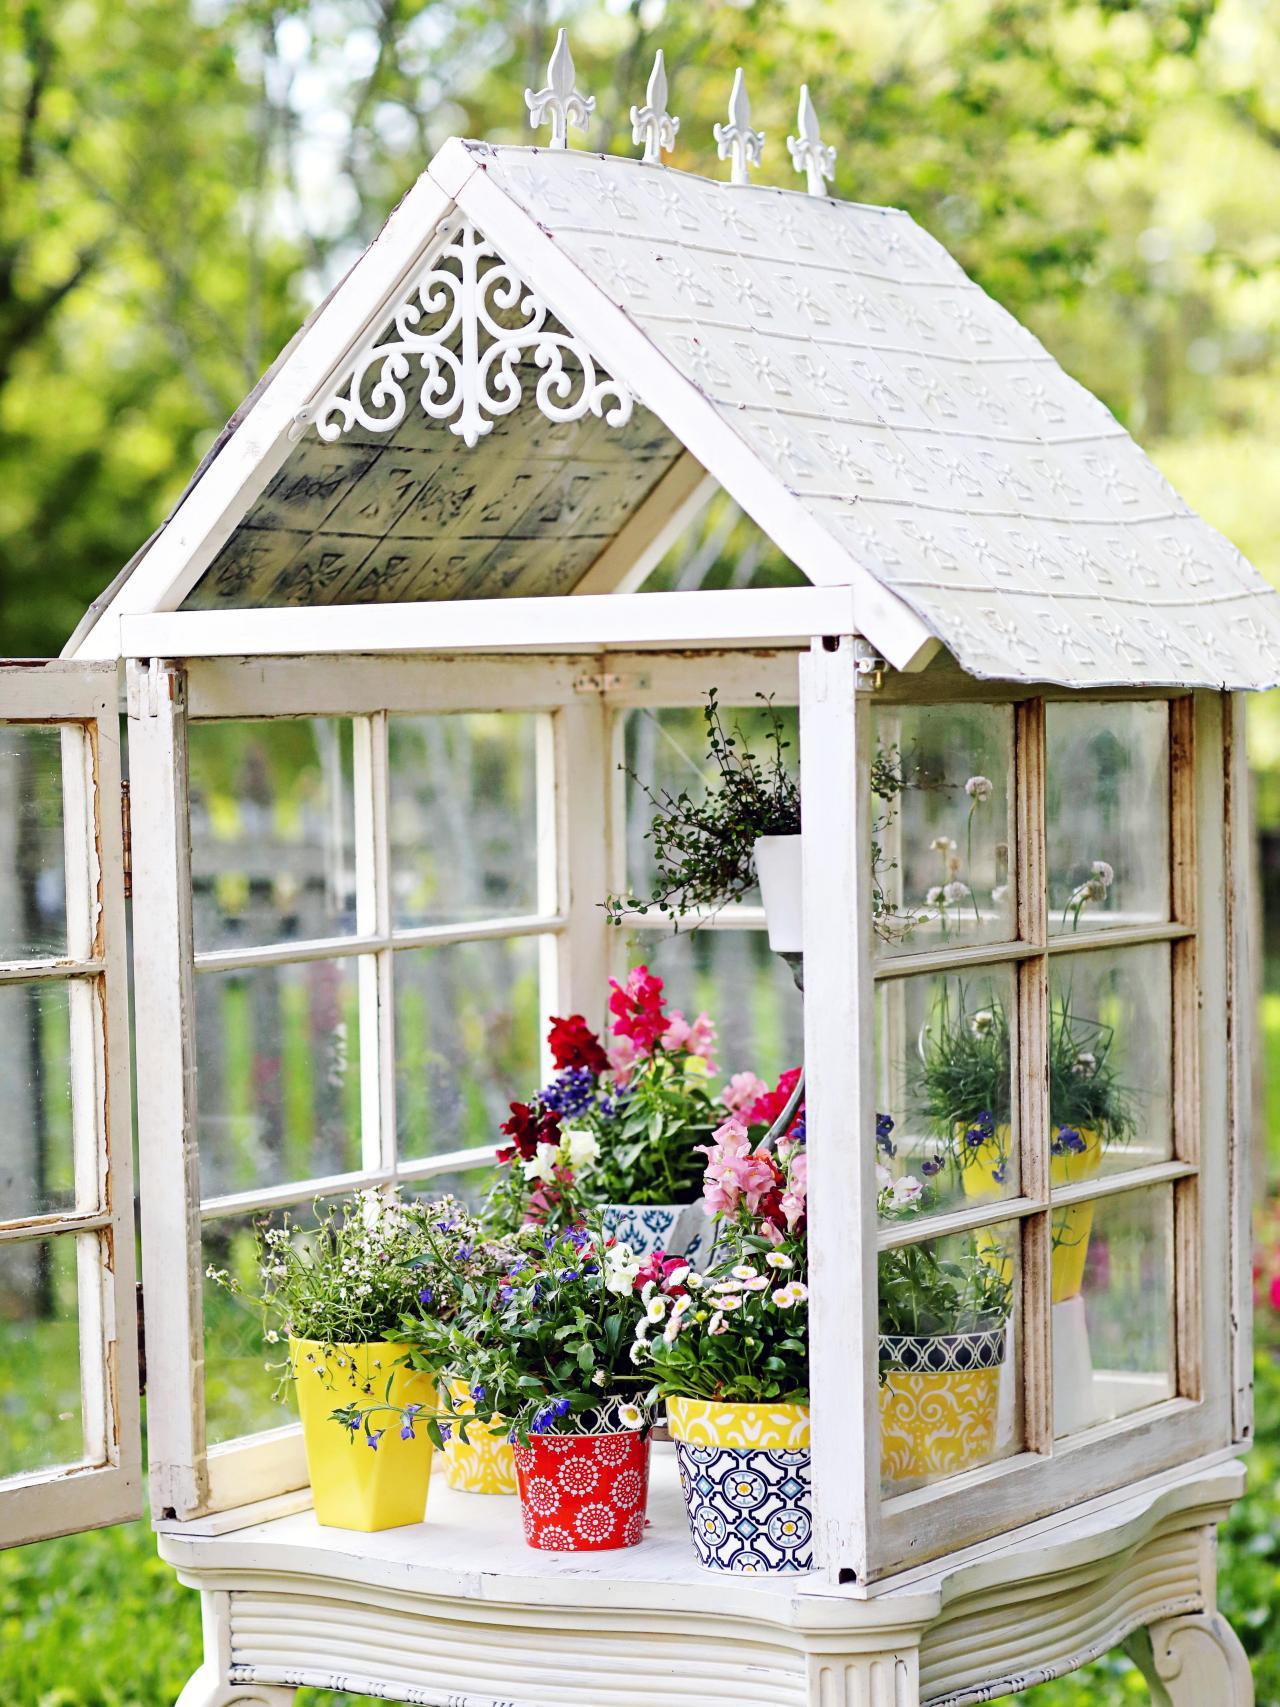 Mẹo tái sử dụng khung cửa sổ cũ trong trang trí và lưu trữ - Ảnh 10.